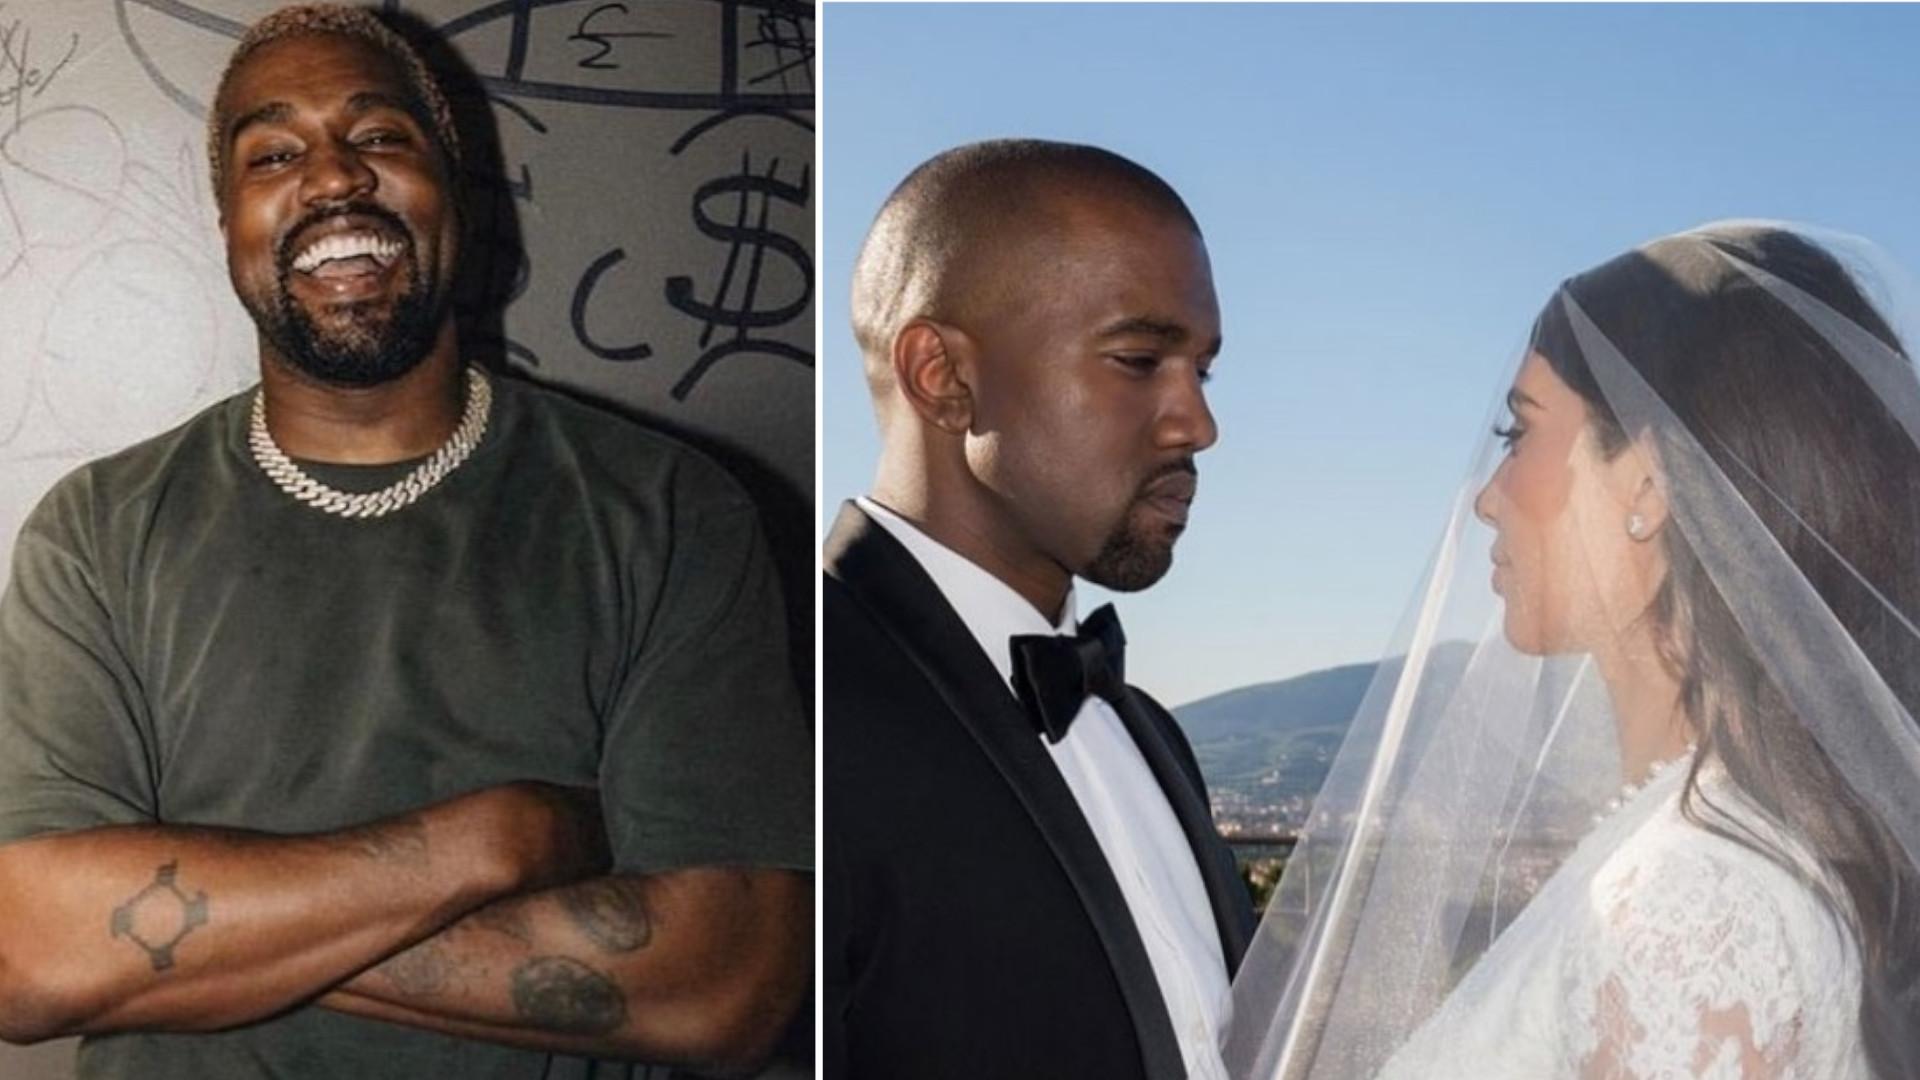 Ojczym Kanye Westa o jego zachowaniu: brakuje mu starych znajomych, jest otoczony tylko Kardashianami